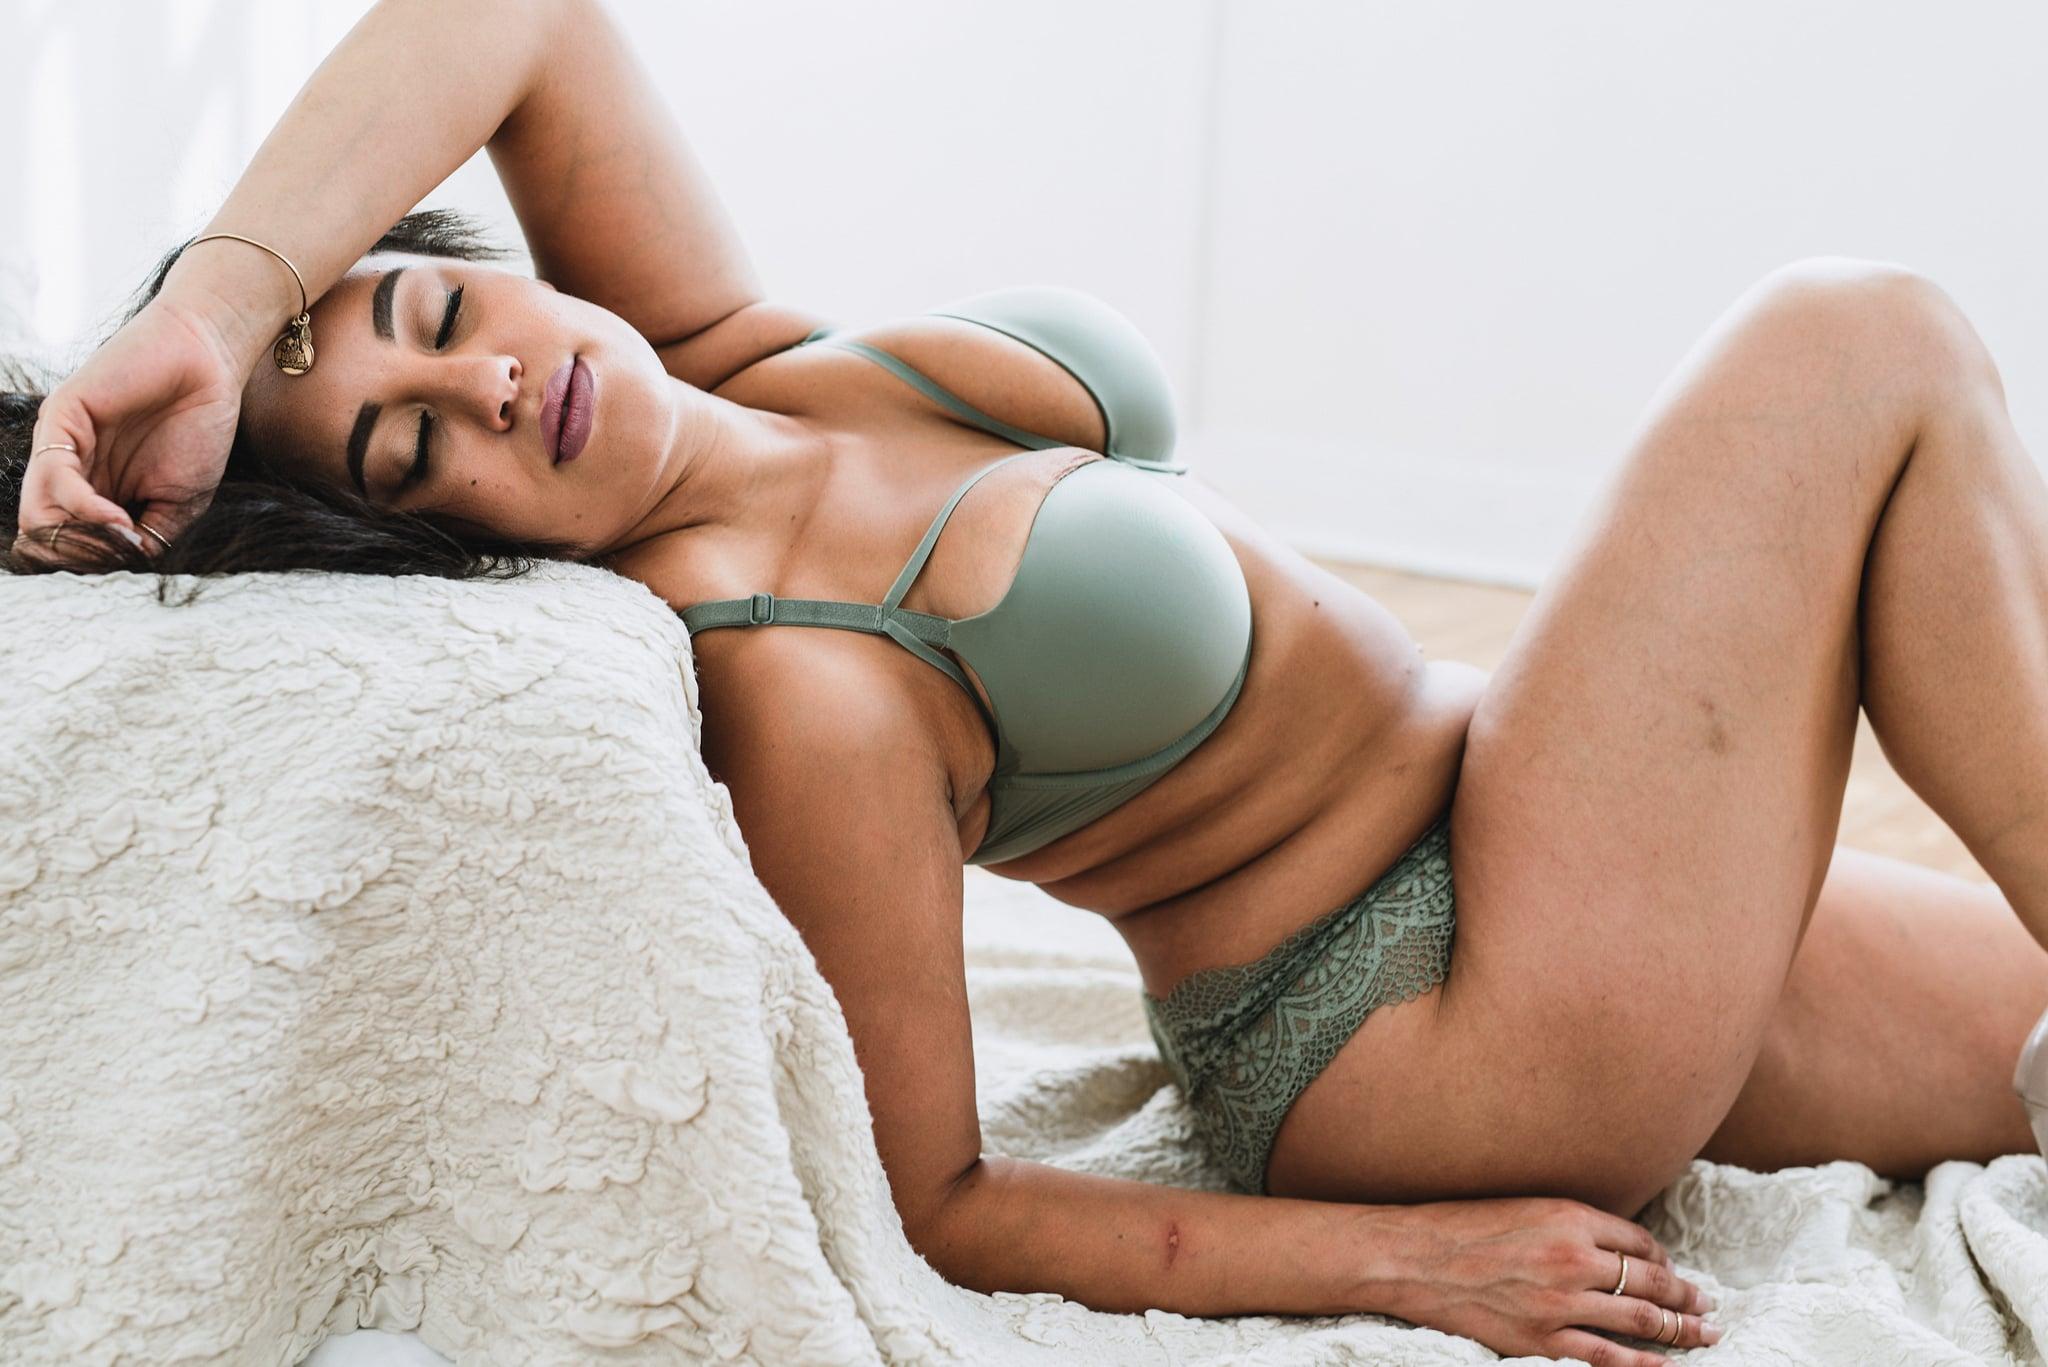 Xxx Showing porn images for middle aged amateur porn